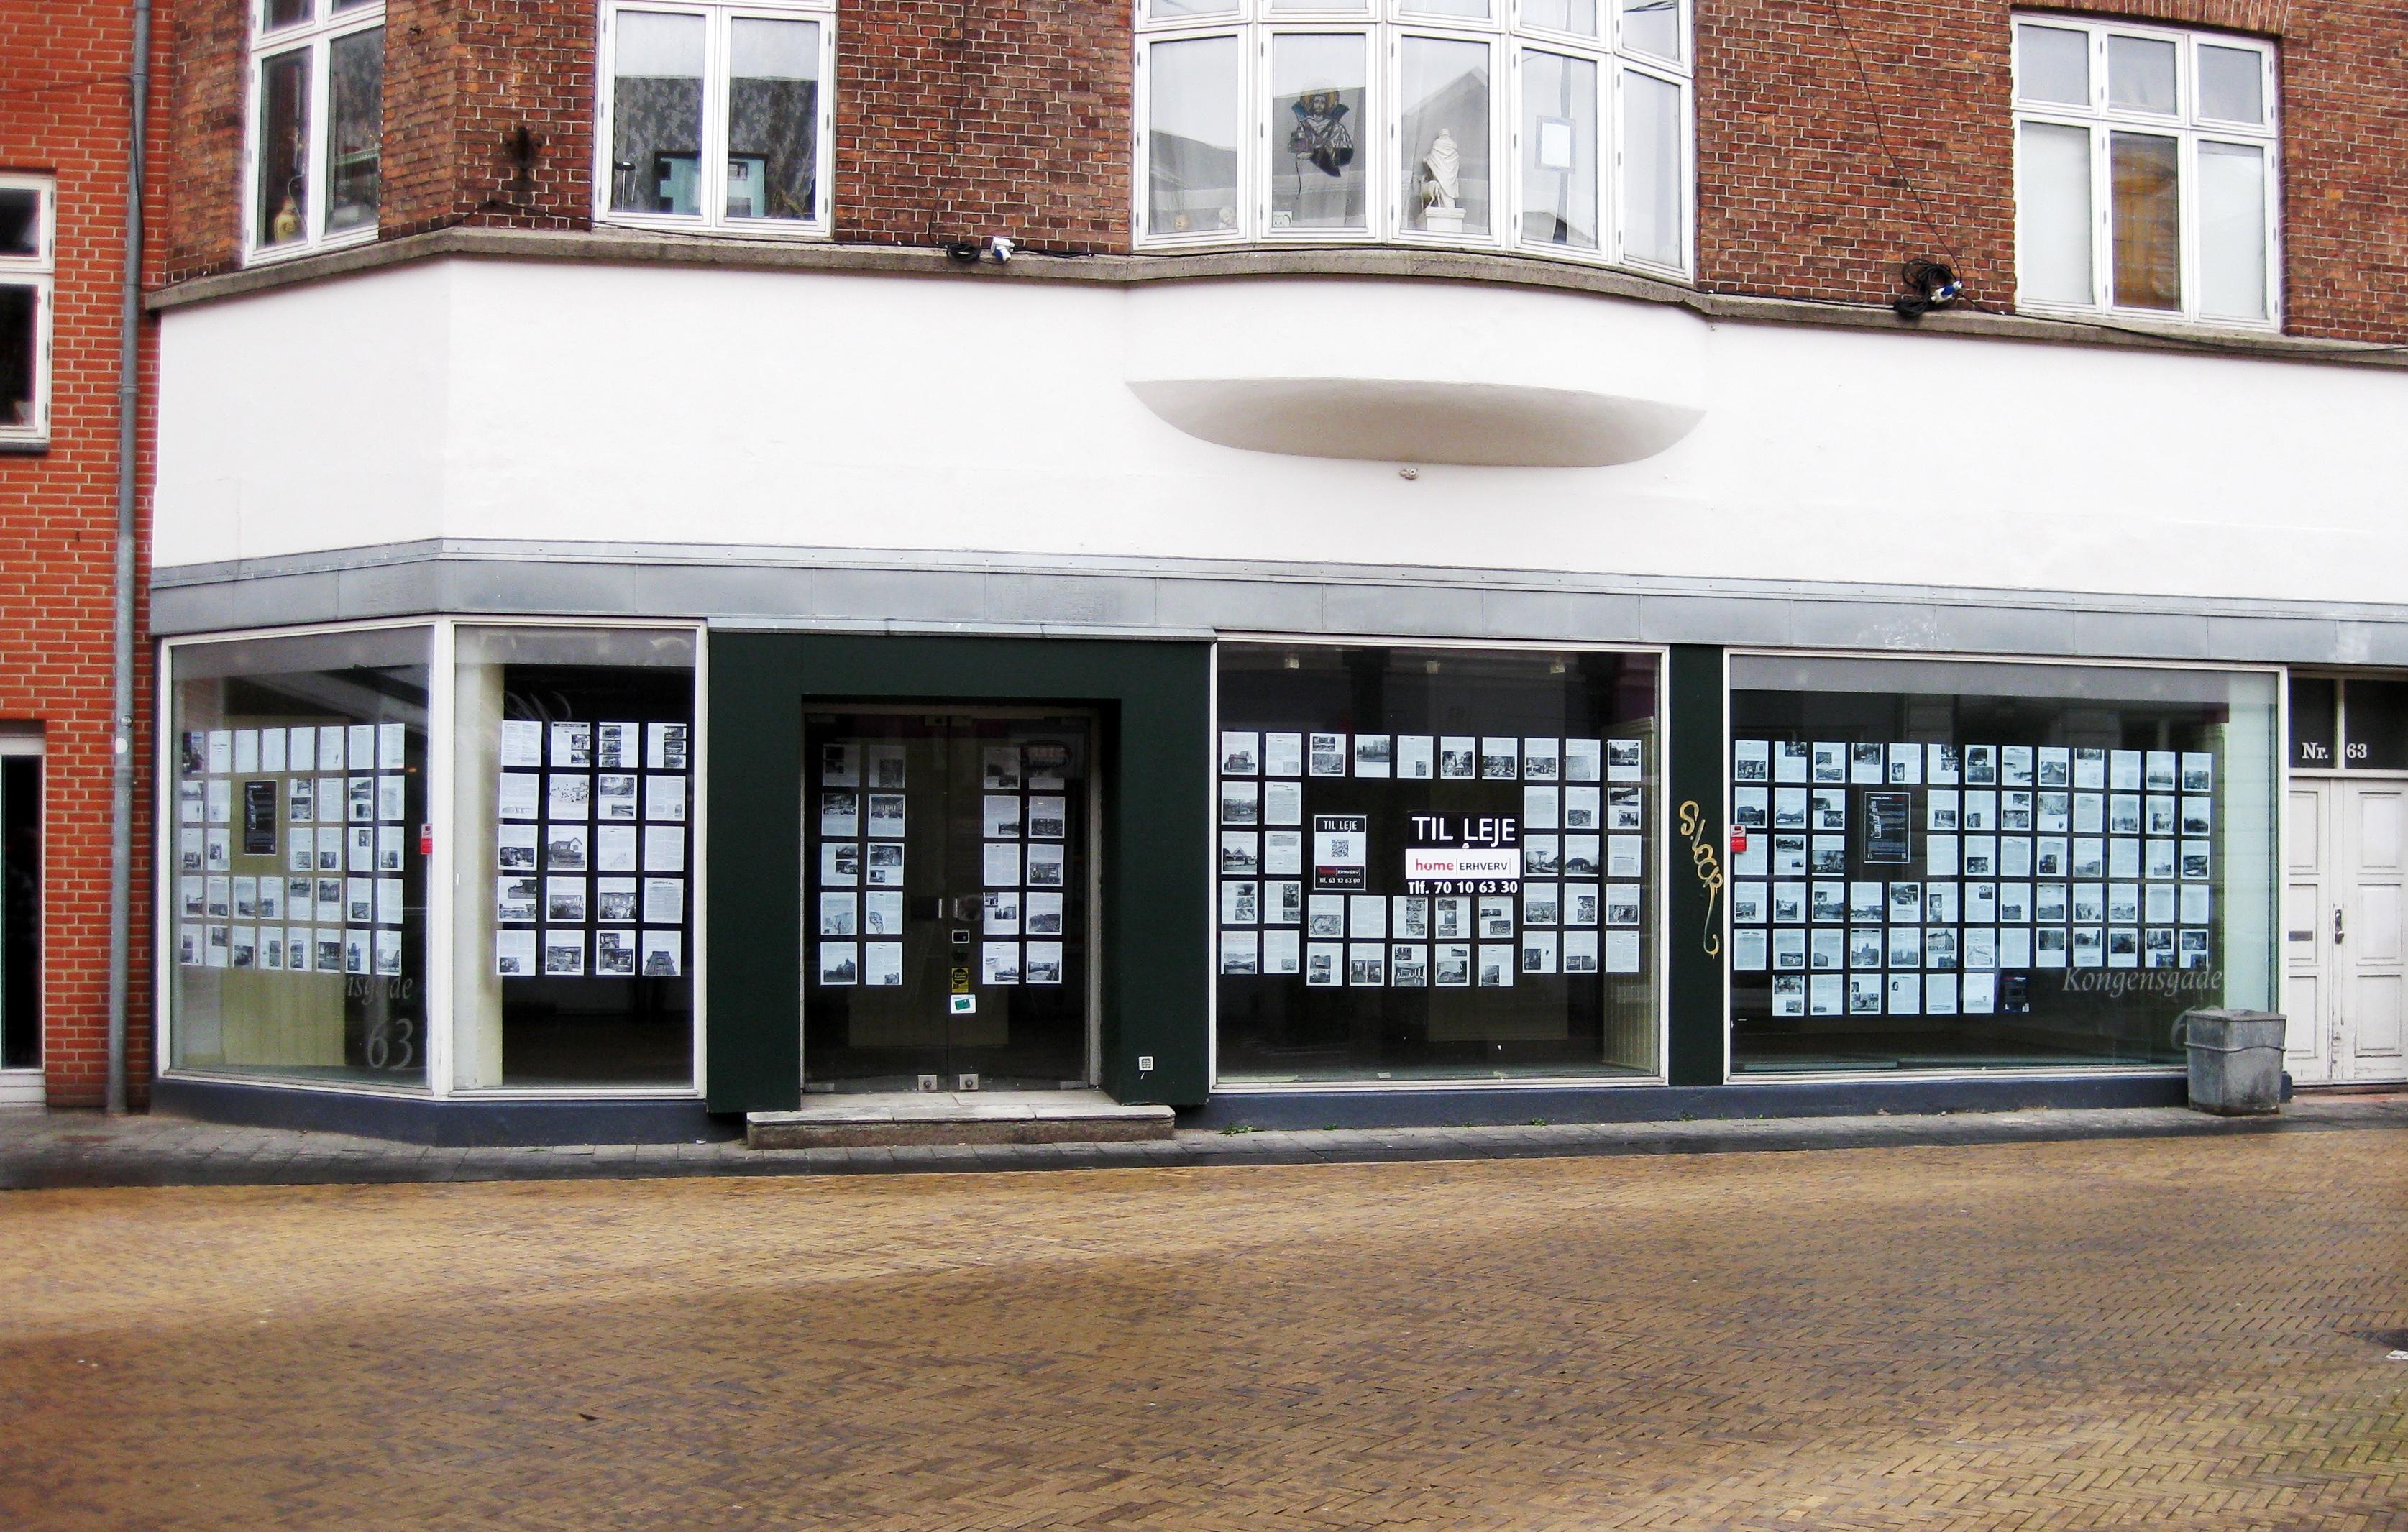 Odenses første butiks-bibliotek ligger i Kongensgade 63.